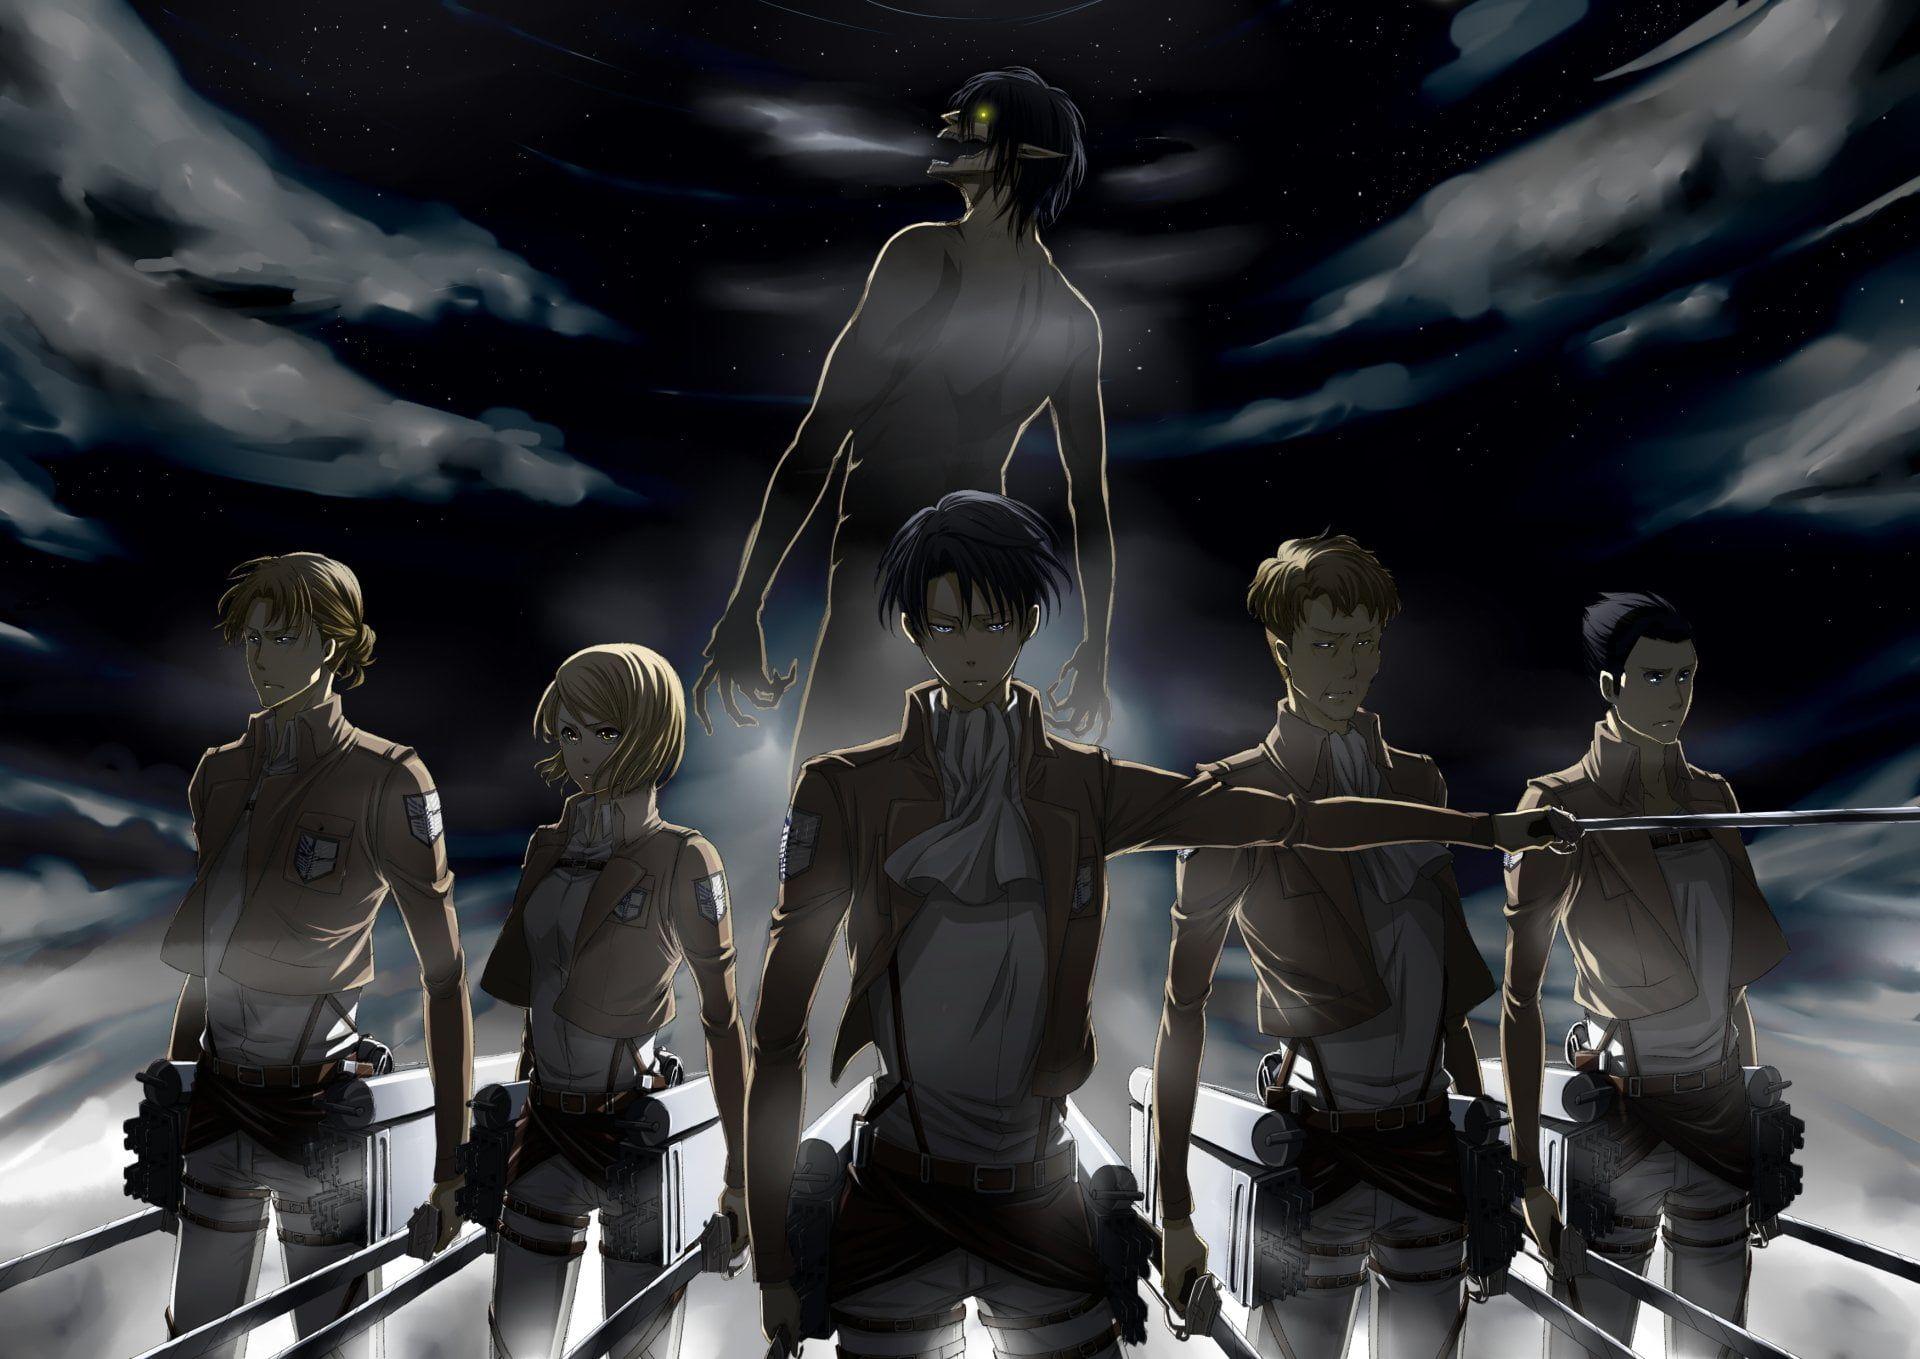 Attack of Titan wallpaper Anime Attack On Titan Attack on Titan 1920x1359